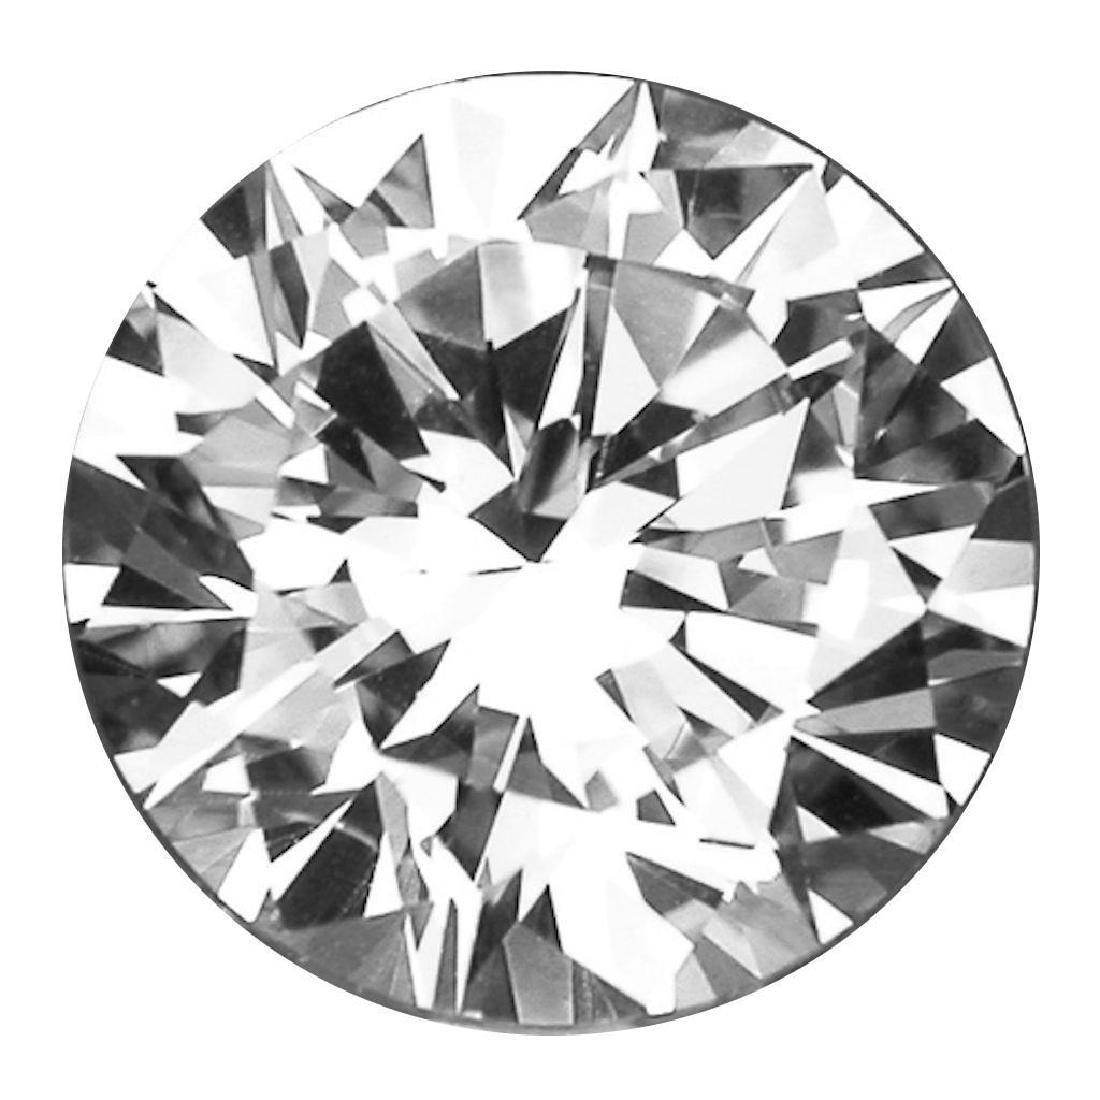 3.87cts Bianco Diamond Grade 6AAAAAA - Loose Stone - 2